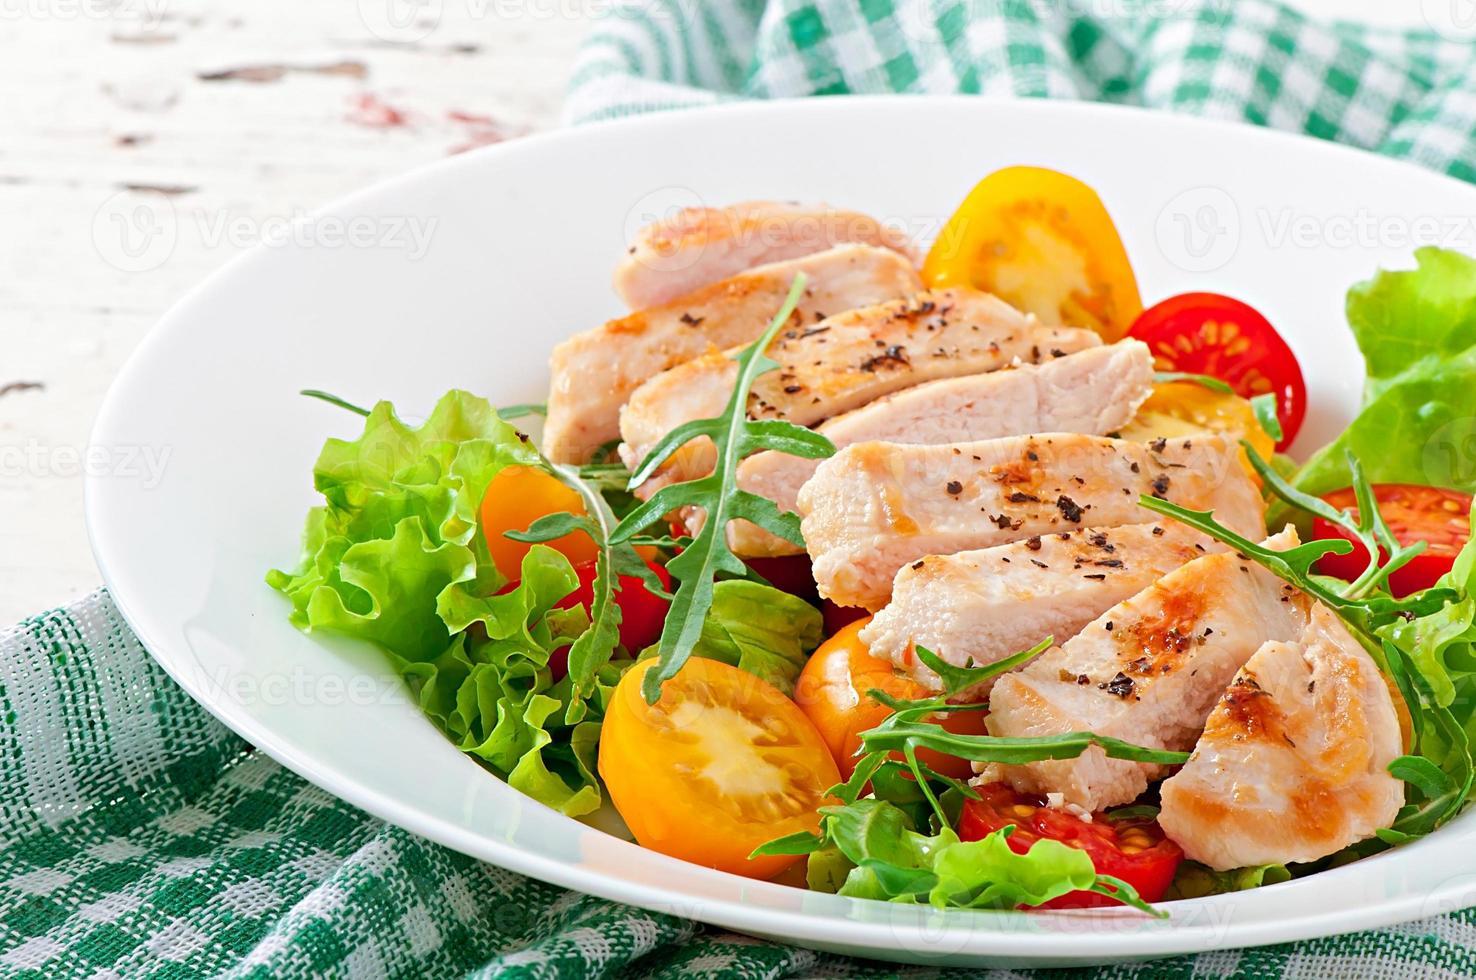 poitrines de poulet grillées et salade fraîche photo